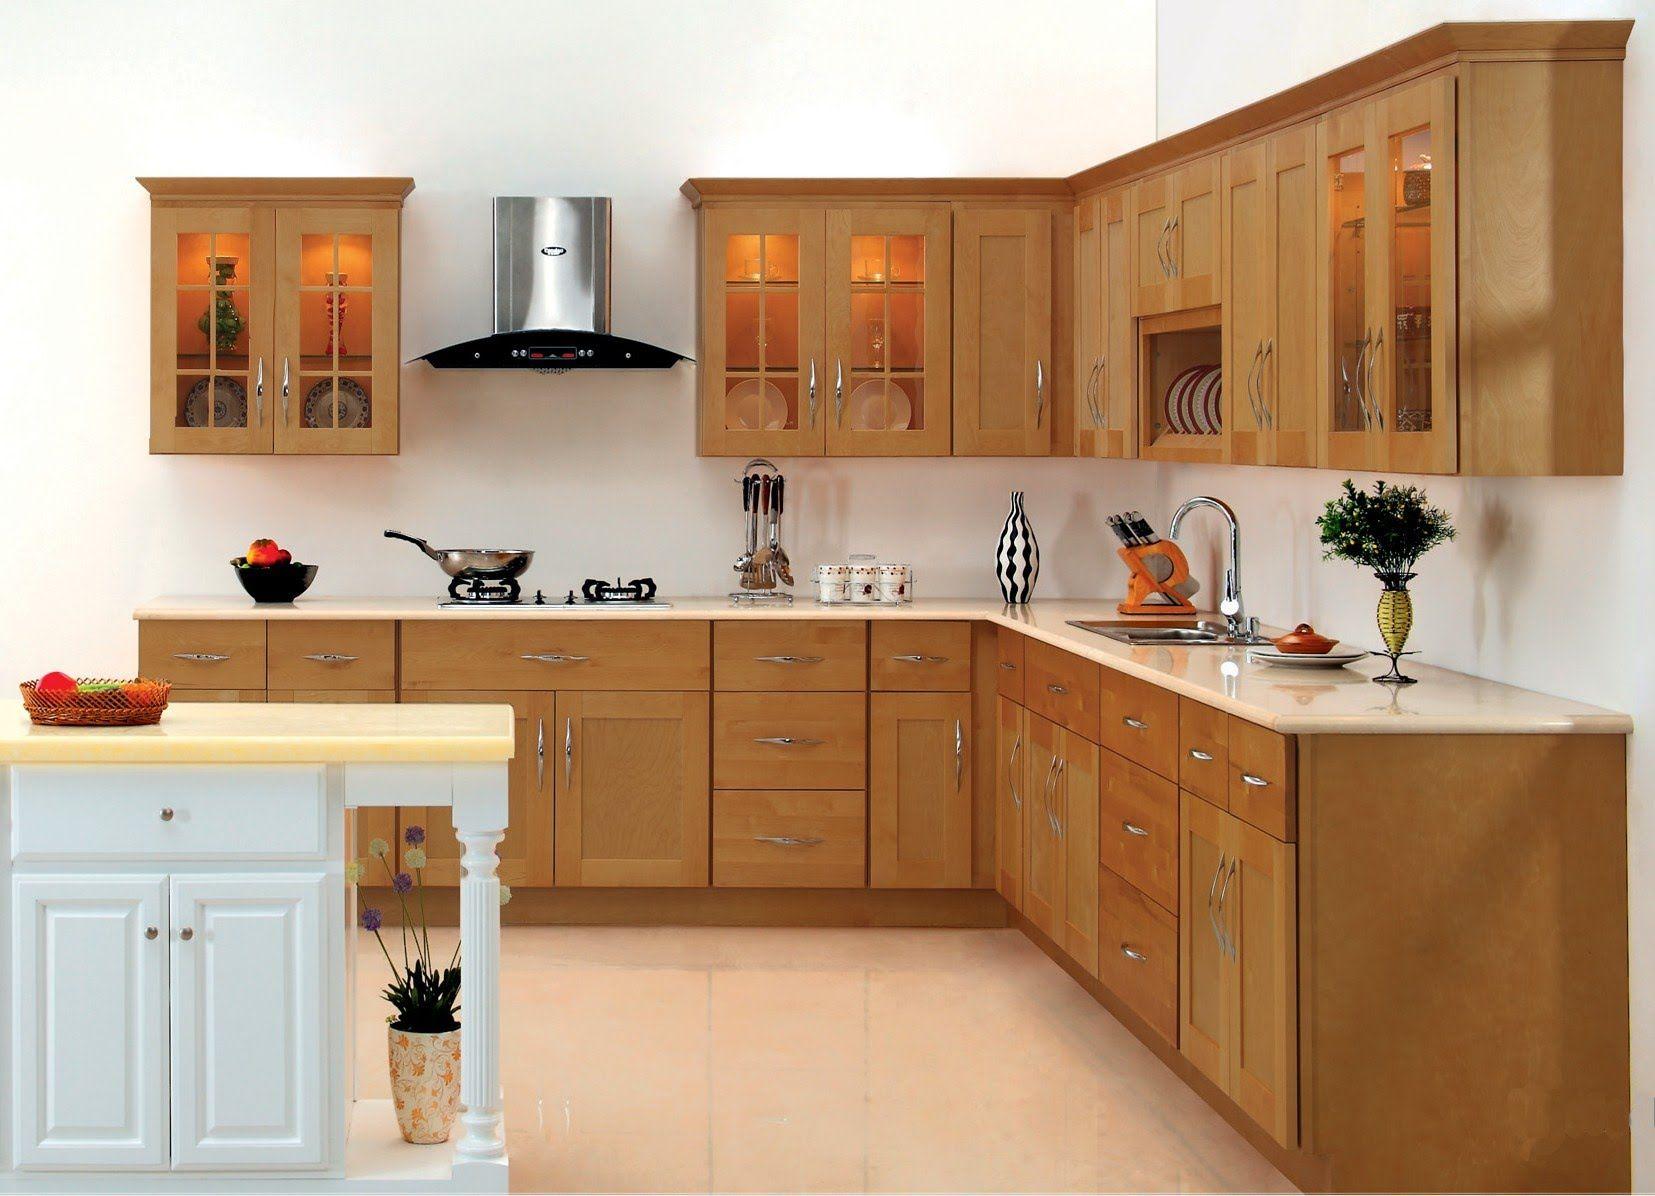 Magnífico Muebles De Cocina Ikea Vs Lowes Bandera - Como Decorar la ...